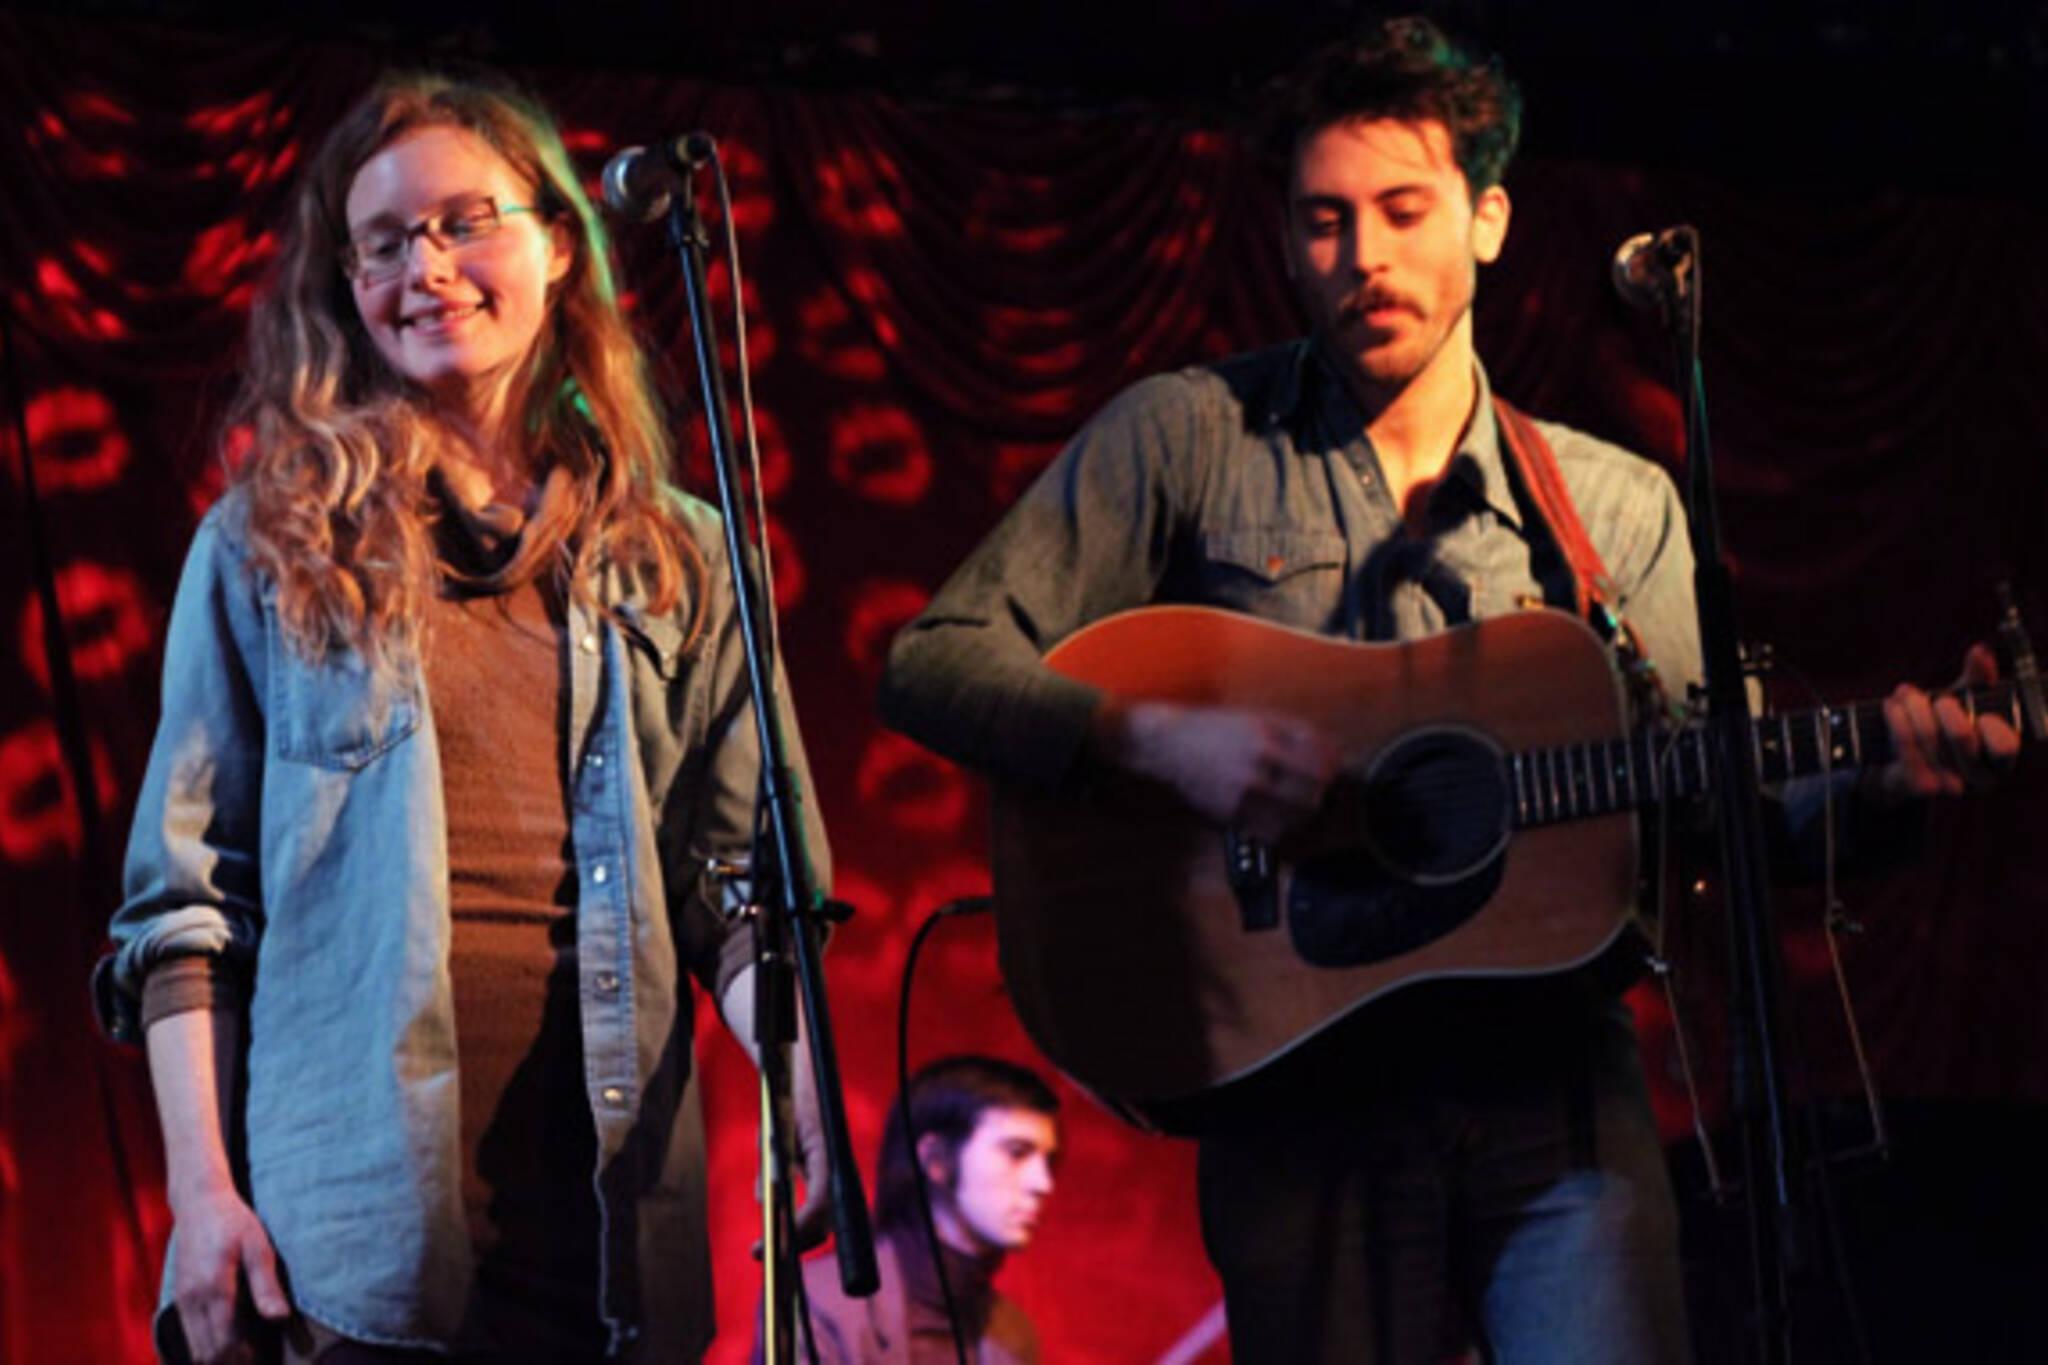 Daniel Romano and Misha Bower